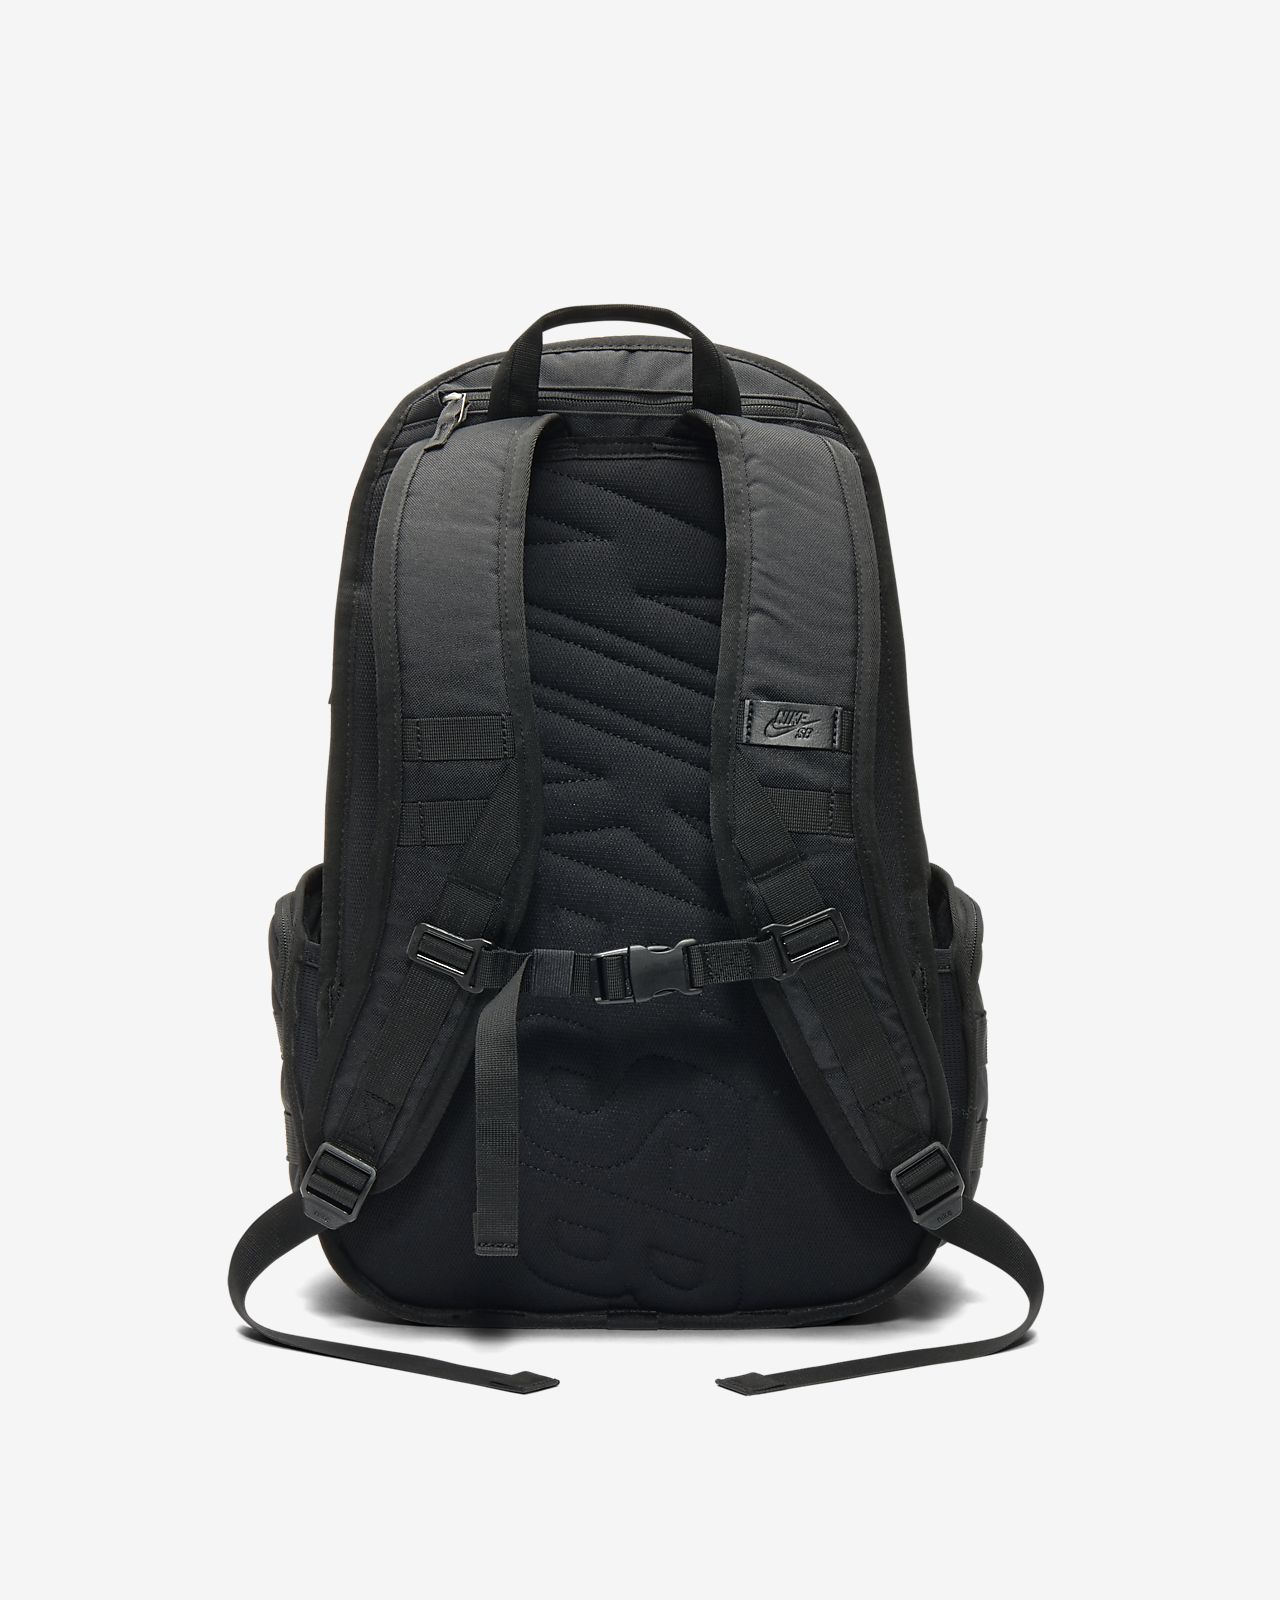 Nike mochila SB RPM - SOLID BA5403-010 - negra nZIYHL1czE